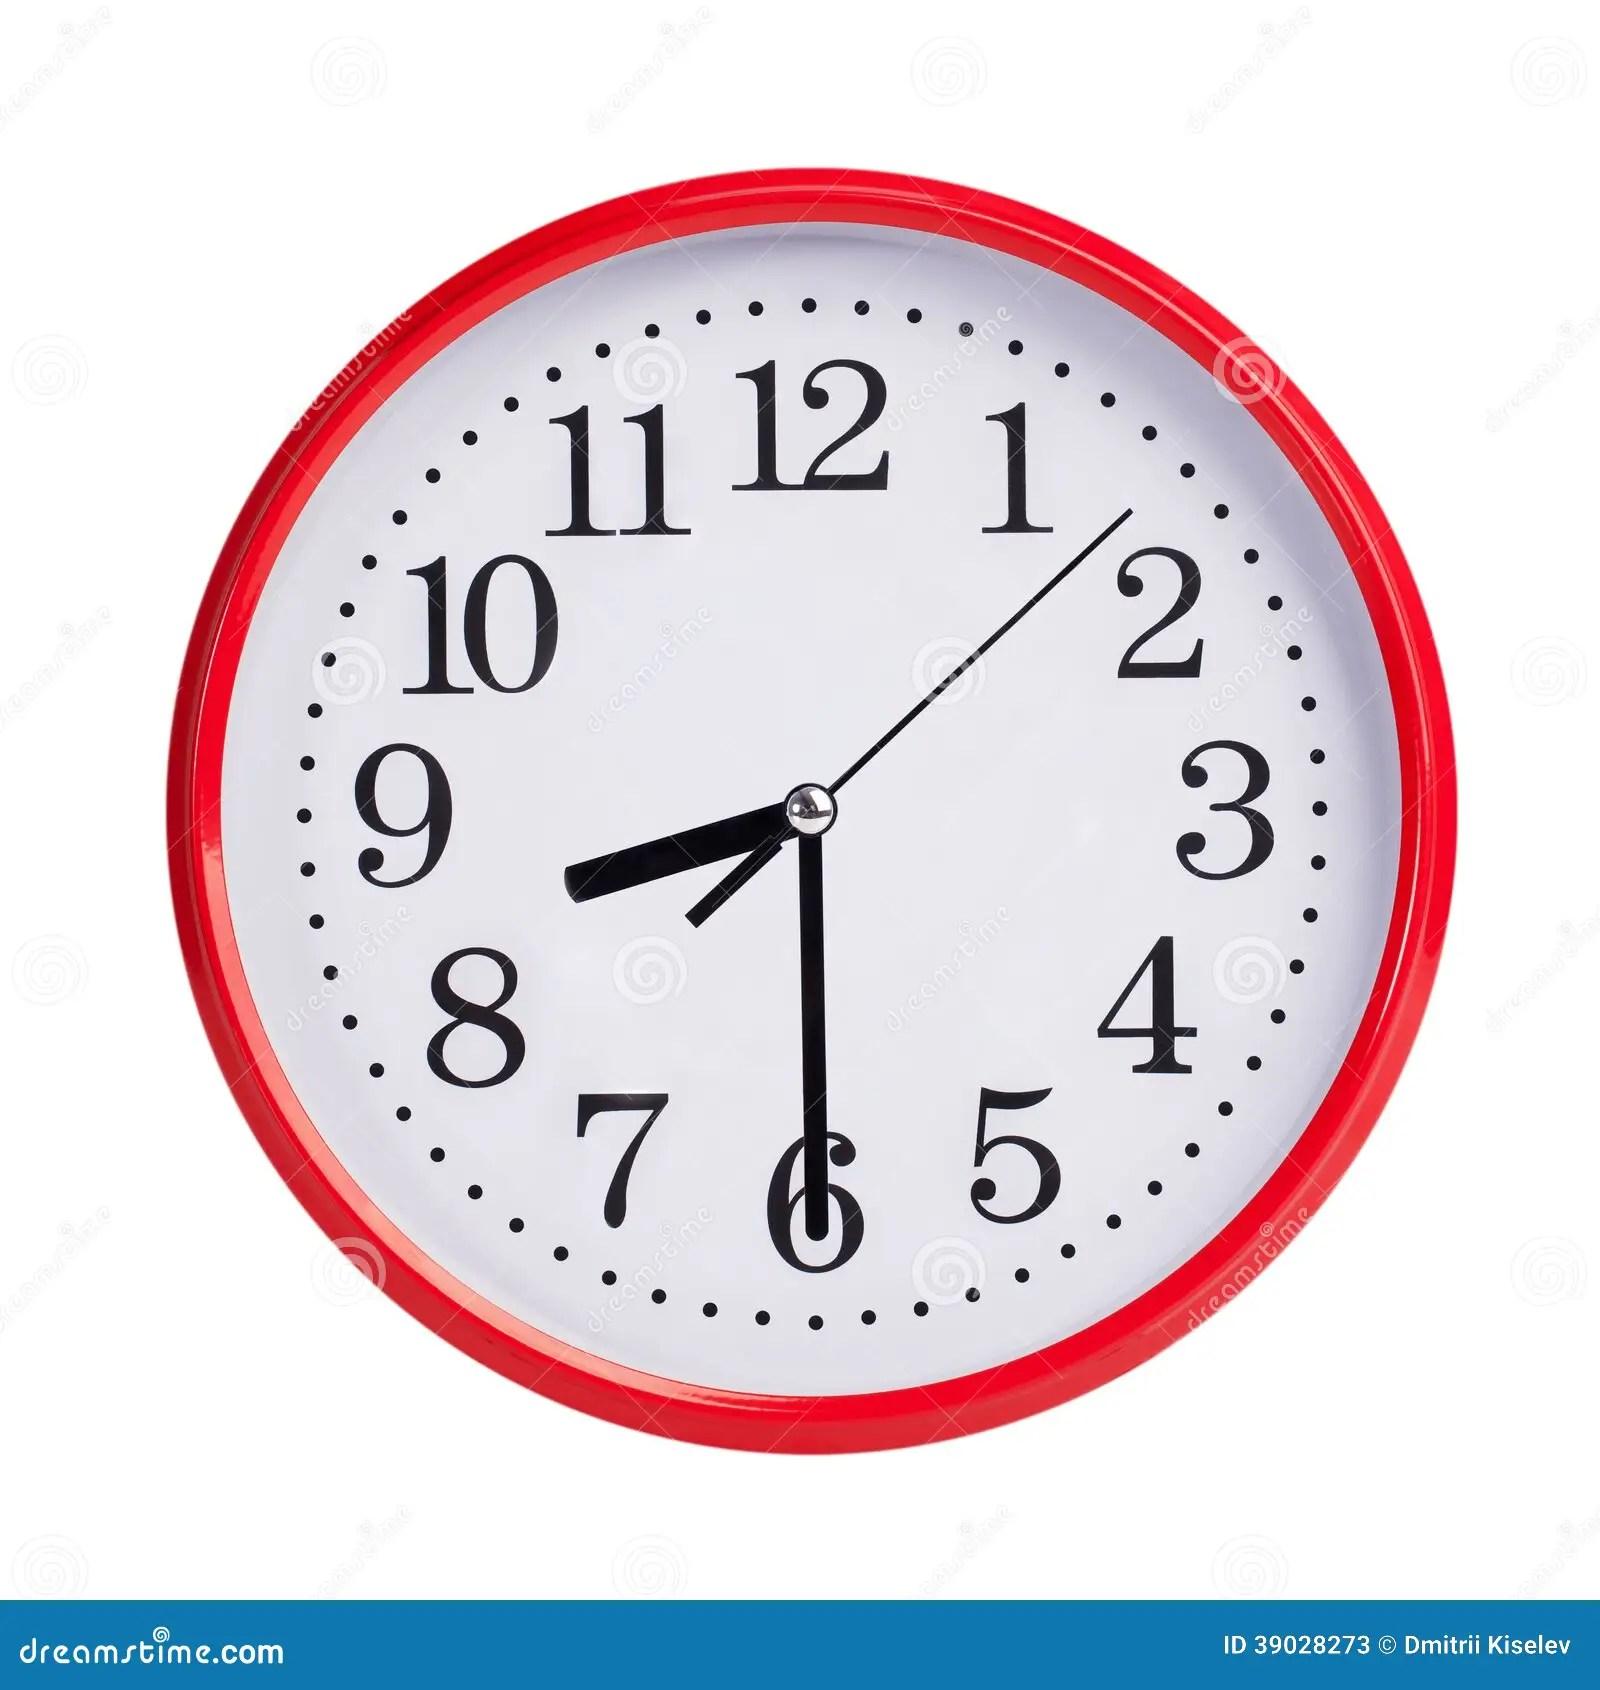 Huit Passes De Moitie Sur Un Visage D Horloge Rond Image